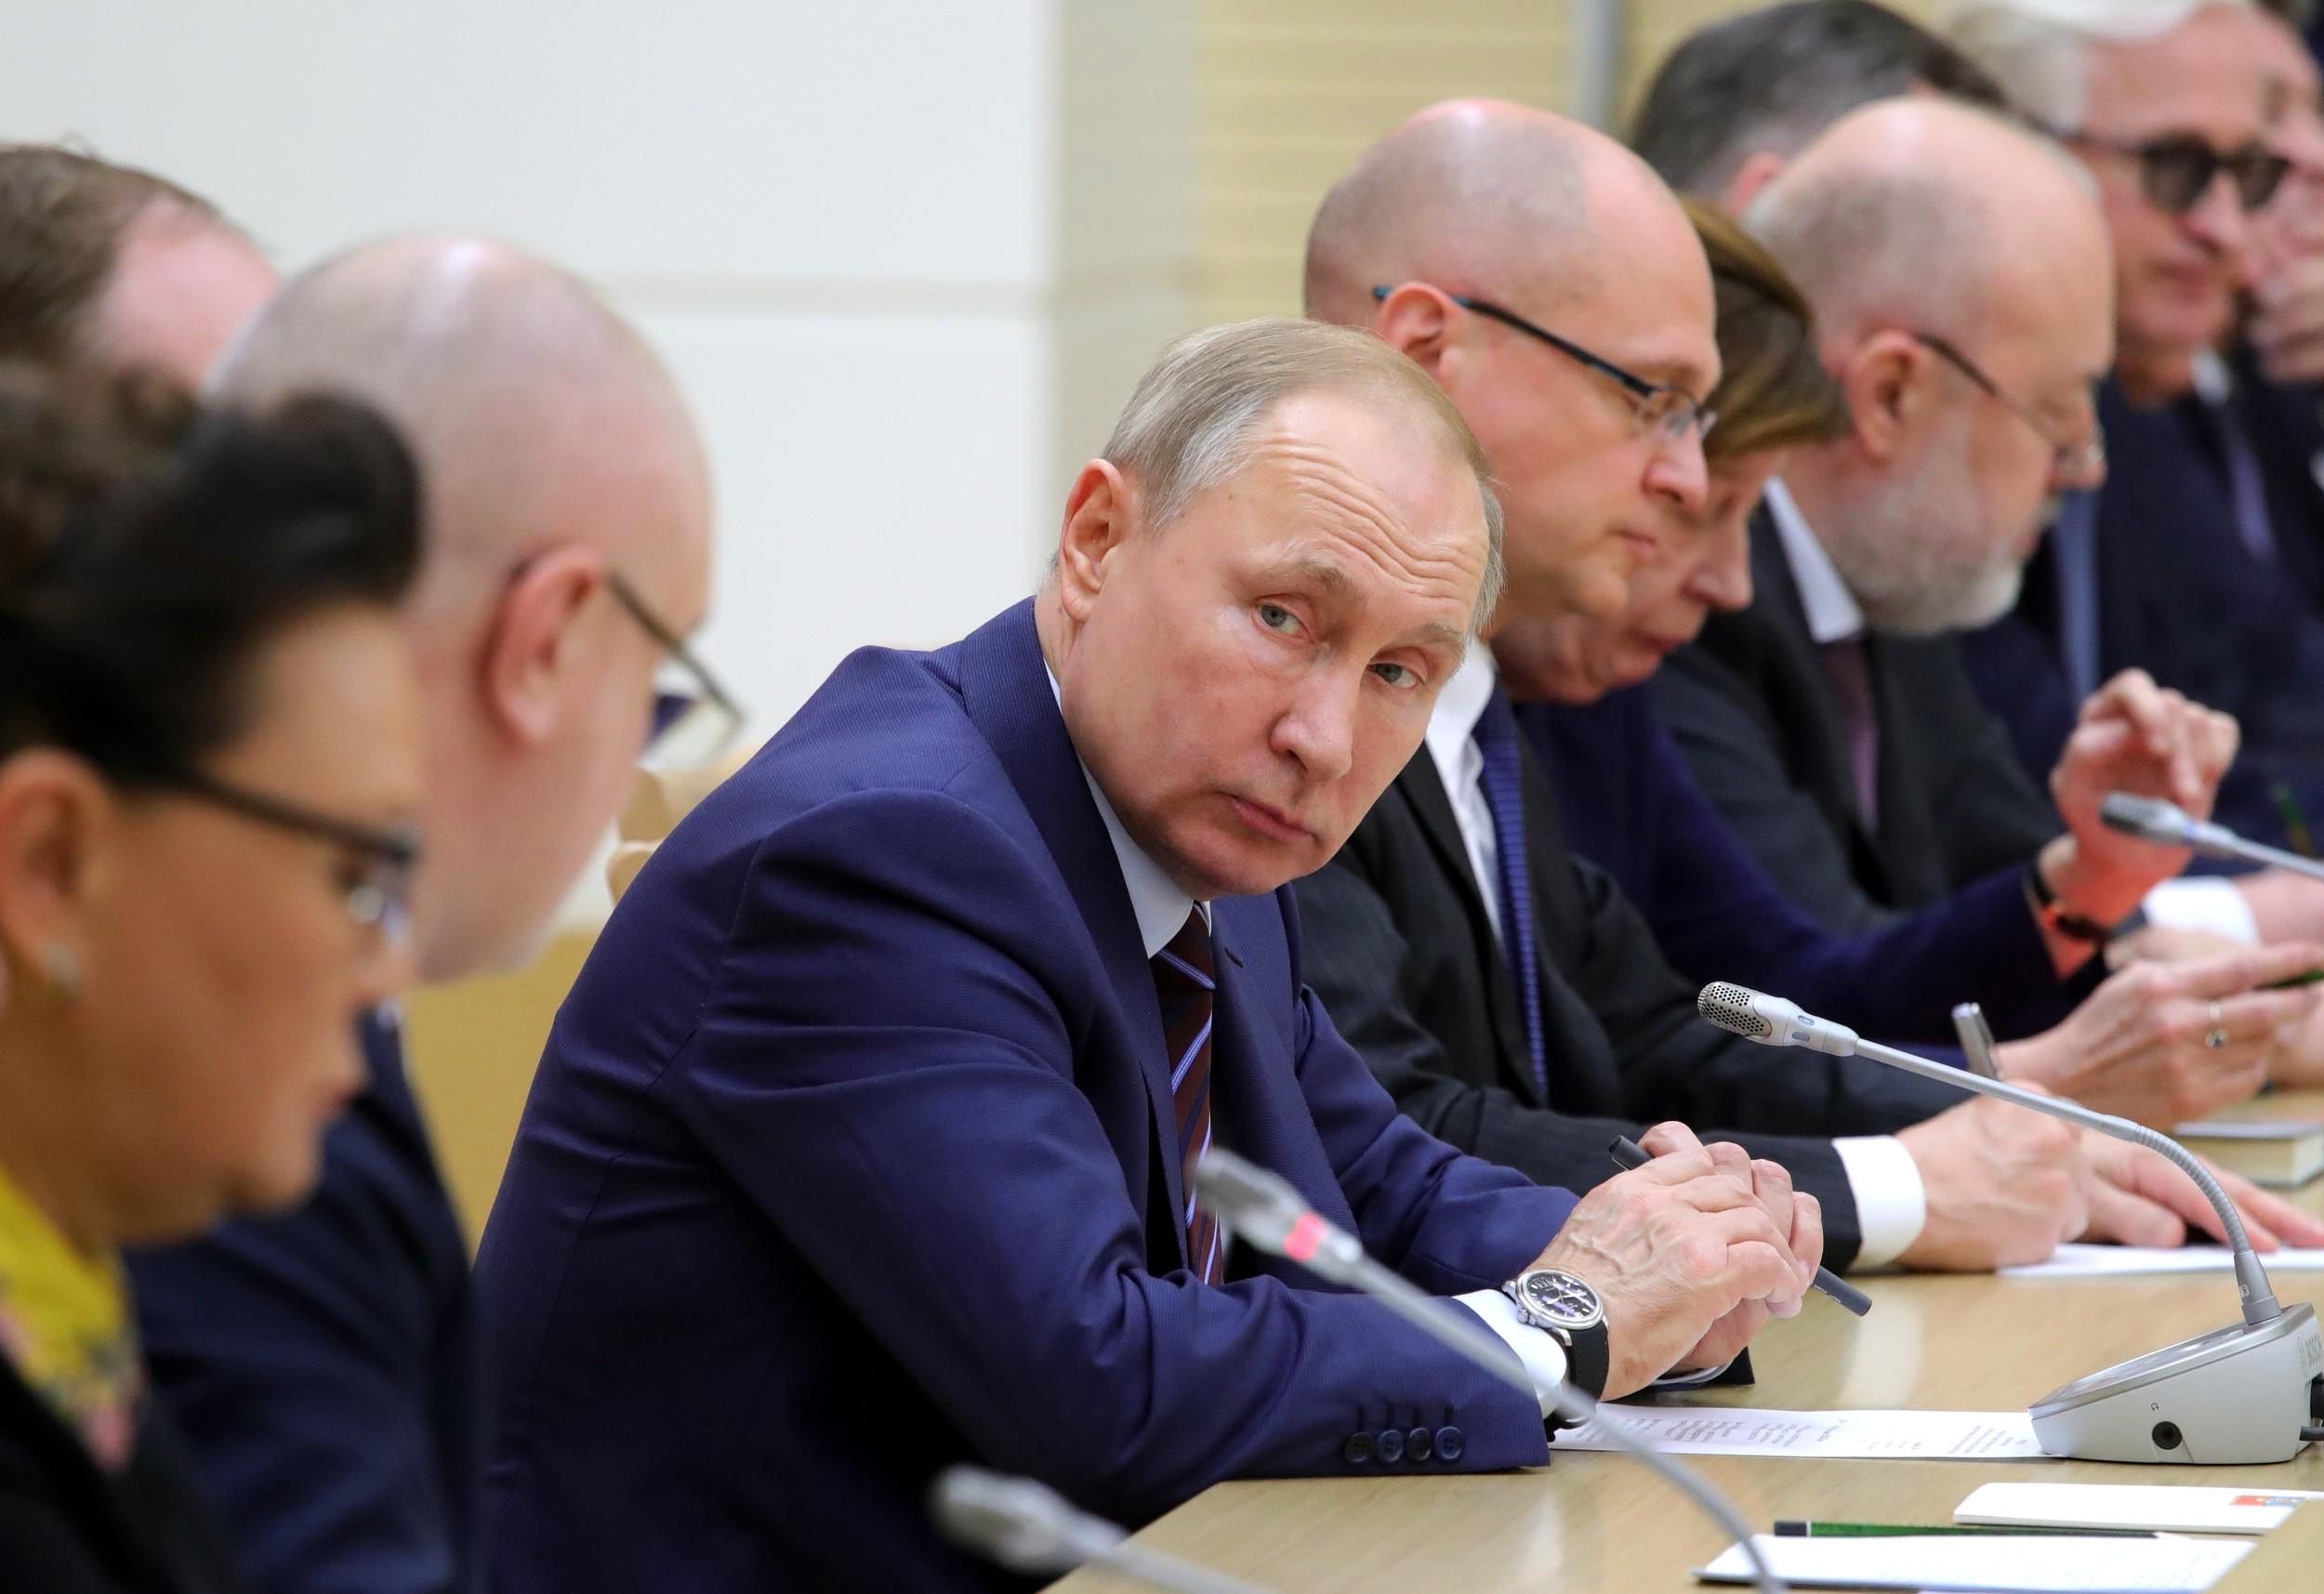 2020年1月16日,俄罗斯总统普京在一个修宪会议上讲话。(美联社)